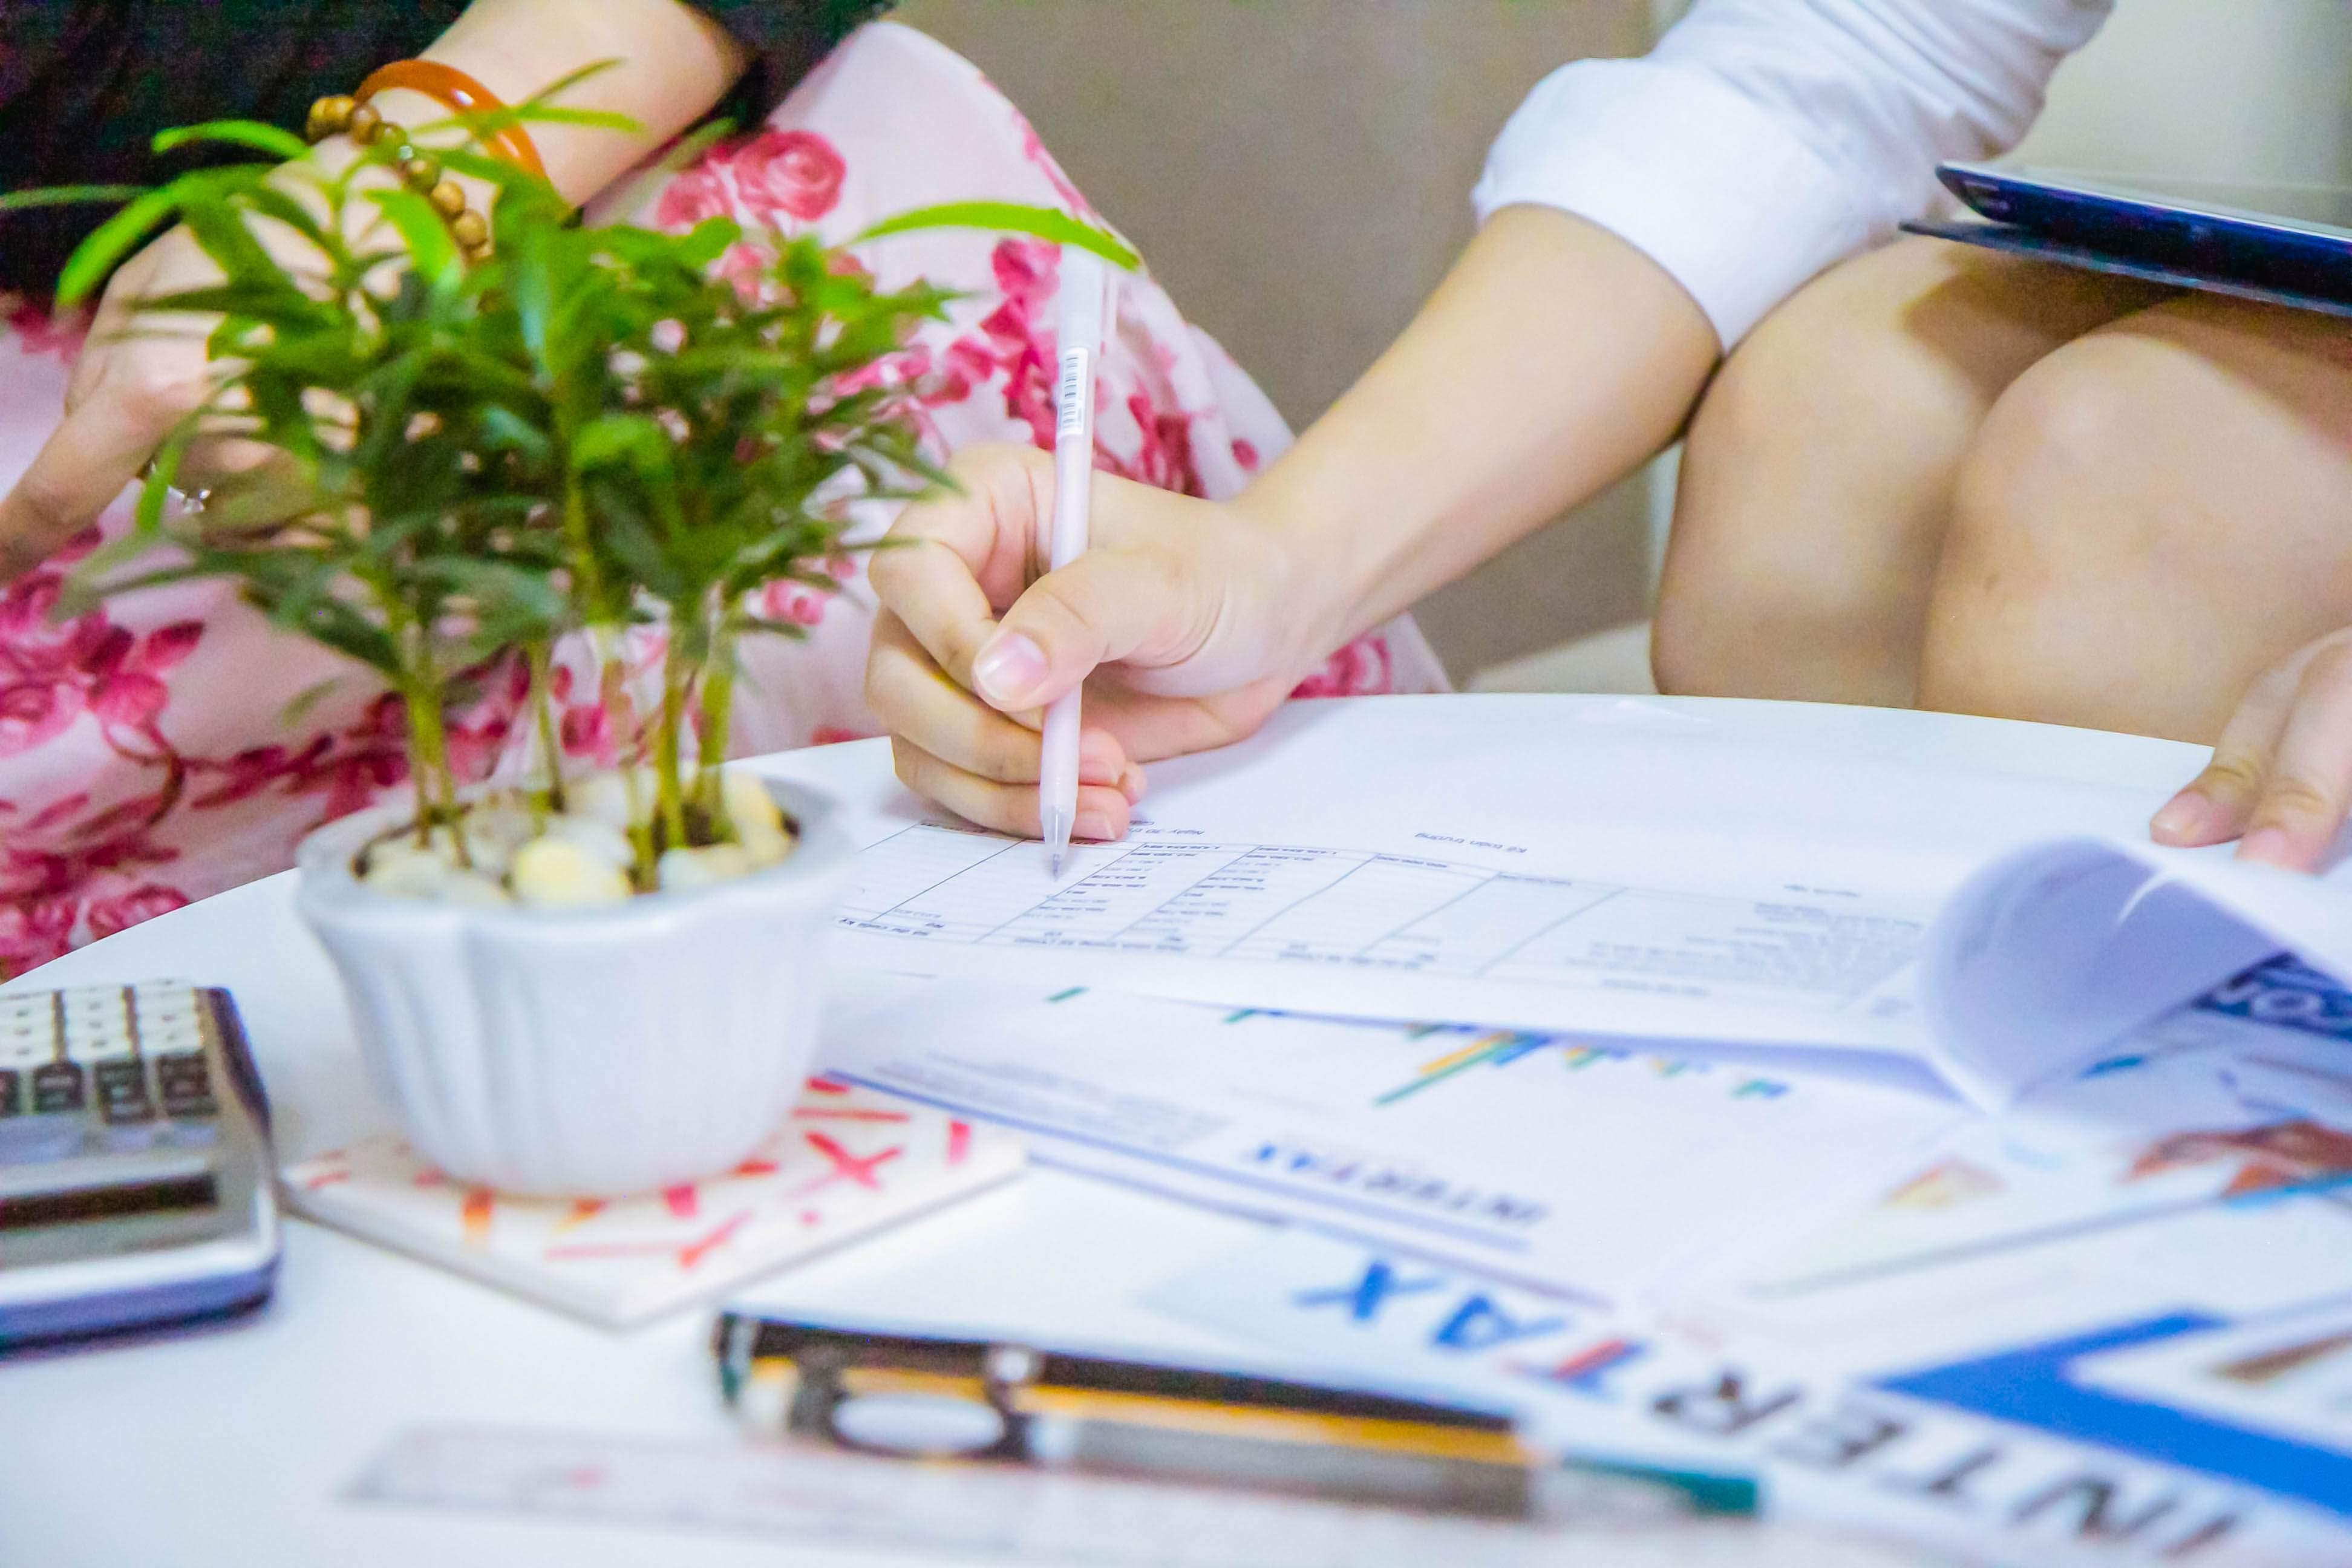 Dịch vụ thành lập doanh nghiệp - 100% vốn Việt Nam 1 - INTERTAX